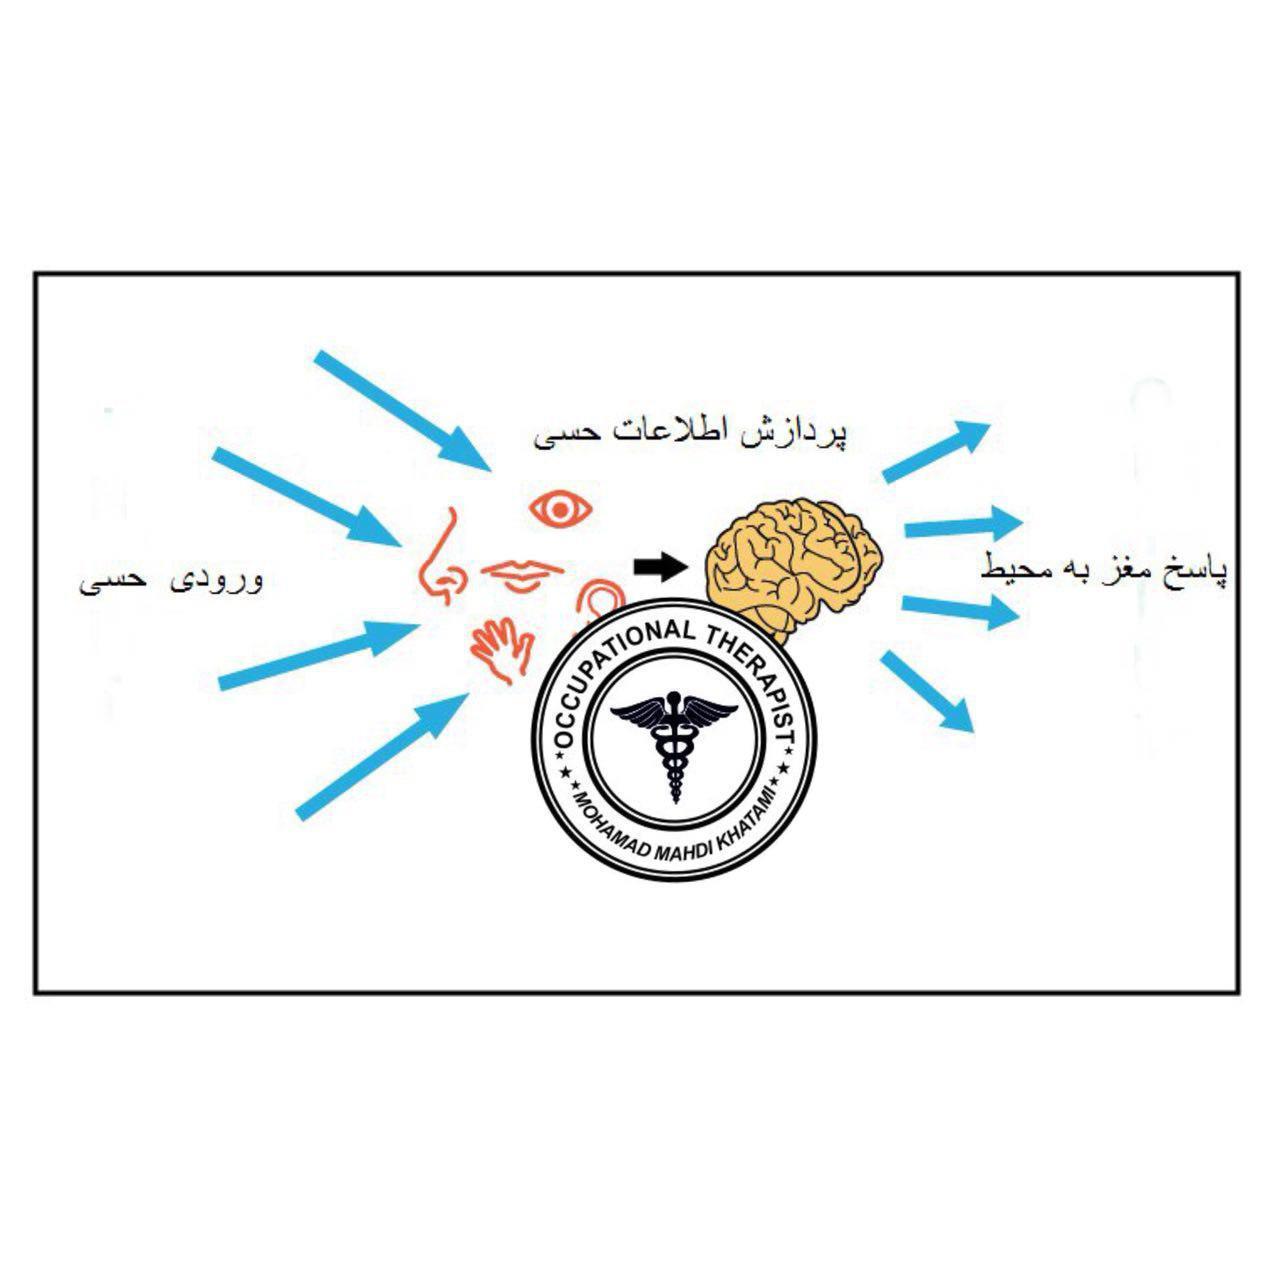 پردازش حسی-کاردرمانی در اتیسم-یکپارچگی حسی-کاردرمانی اوتیسم-کاردرمانی کودکان-کاردرمانی در کودکان-کاردرمانی غرب تهران